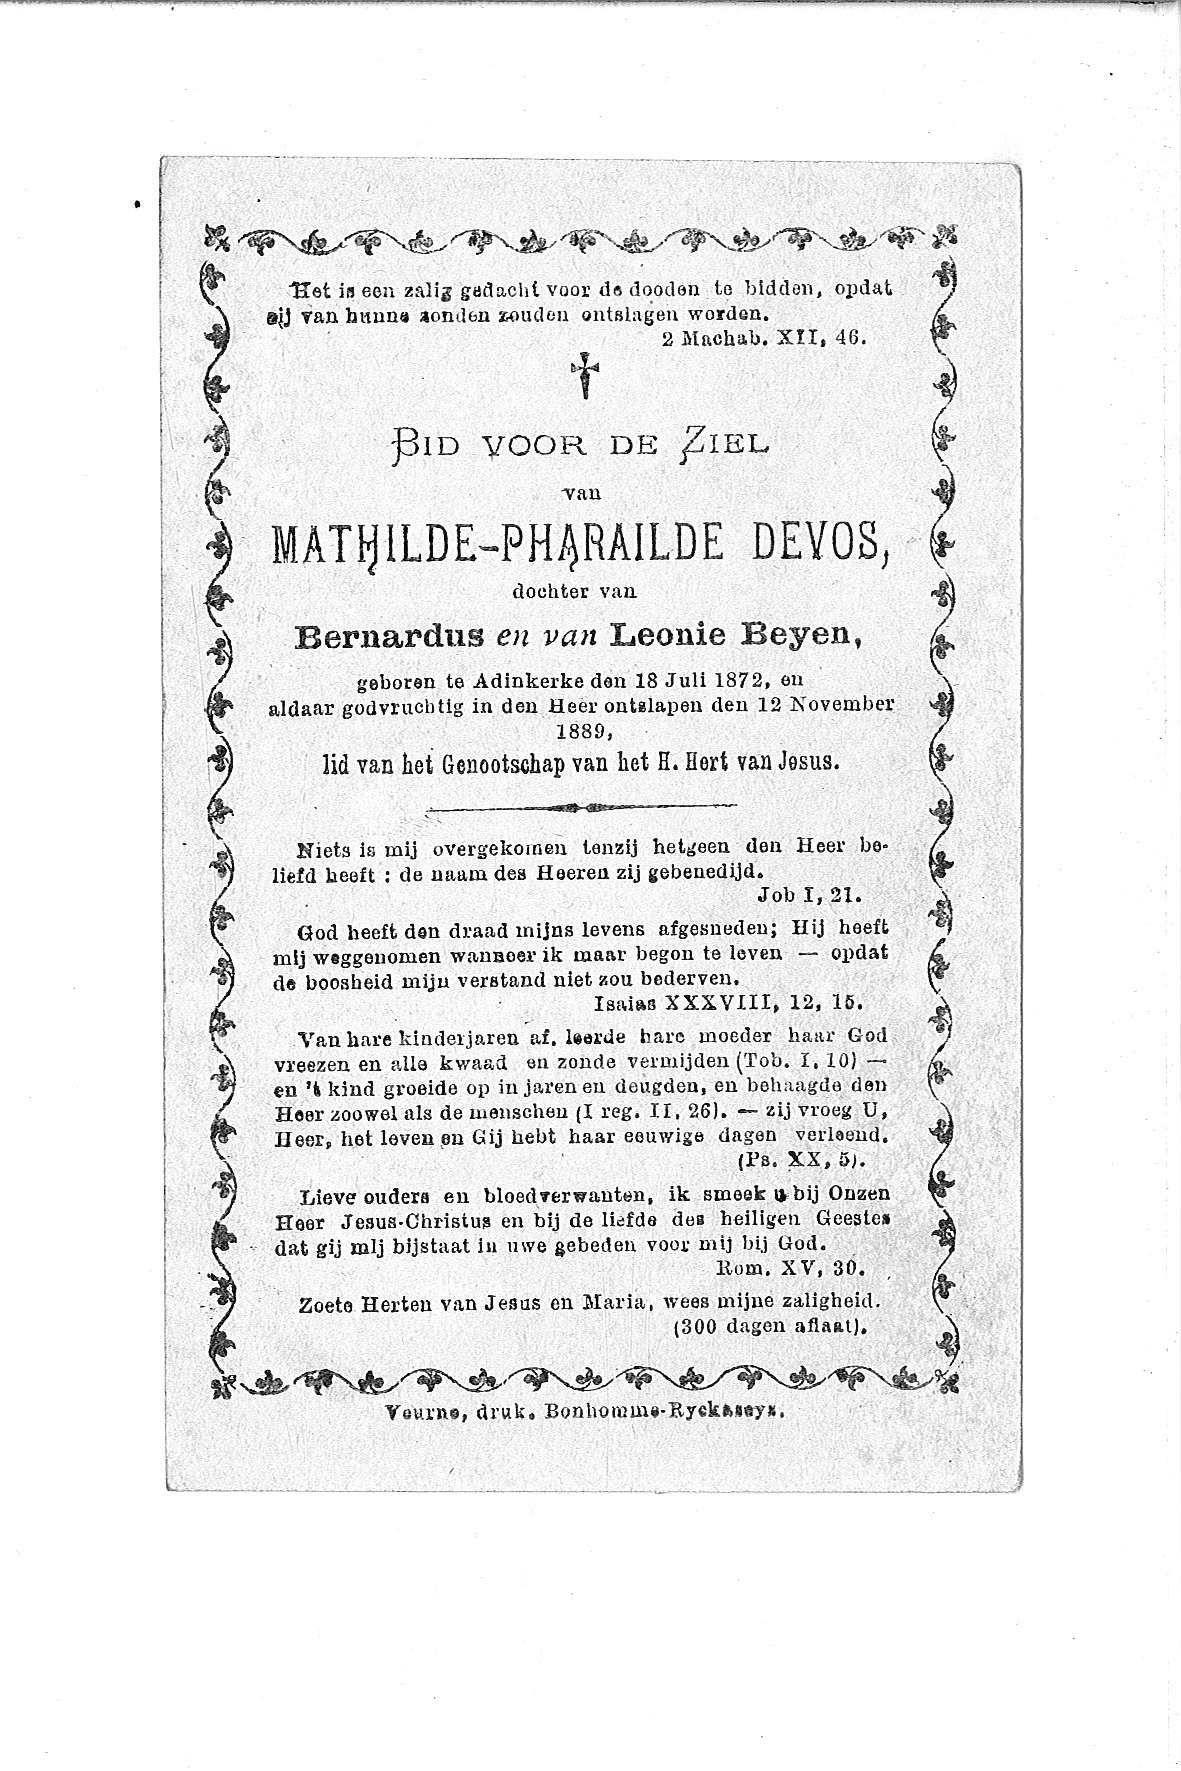 Mathilde-Pharailde (1889) 20120312102926_00059.jpg